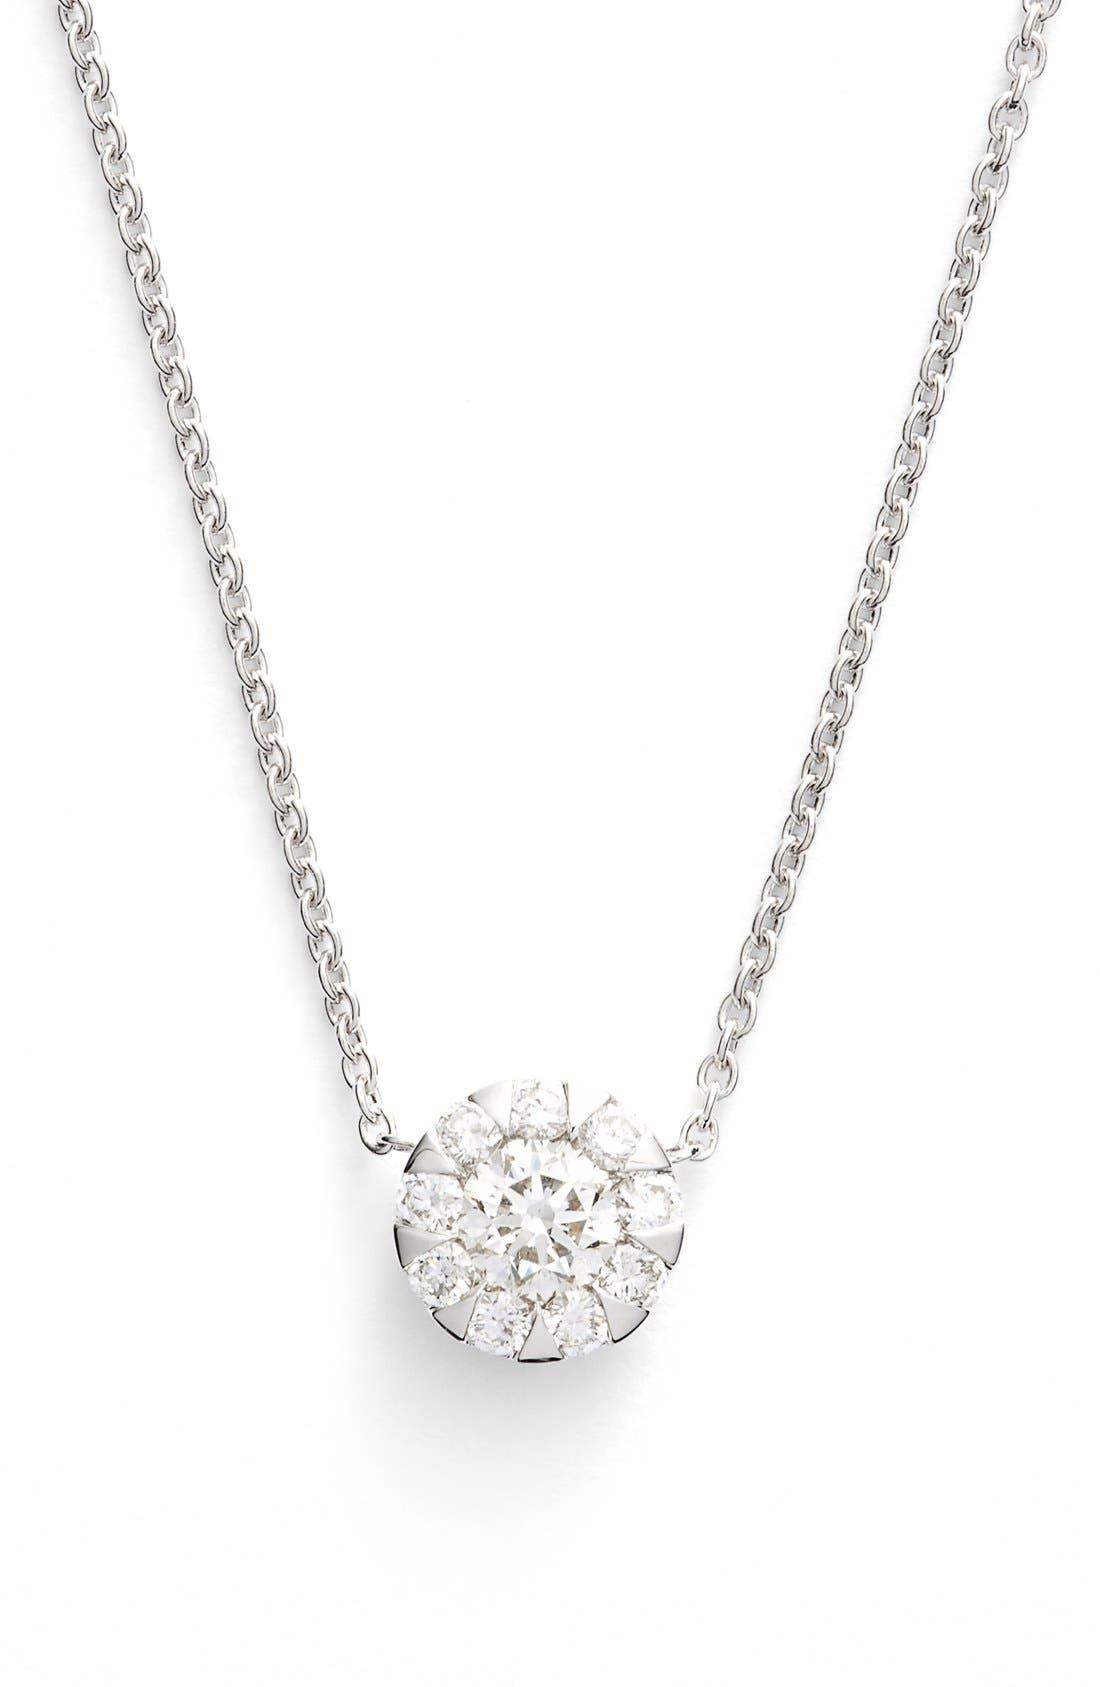 Alternate Image 1 Selected - Kwiat 'Sunburst' Diamond Pendant Necklace